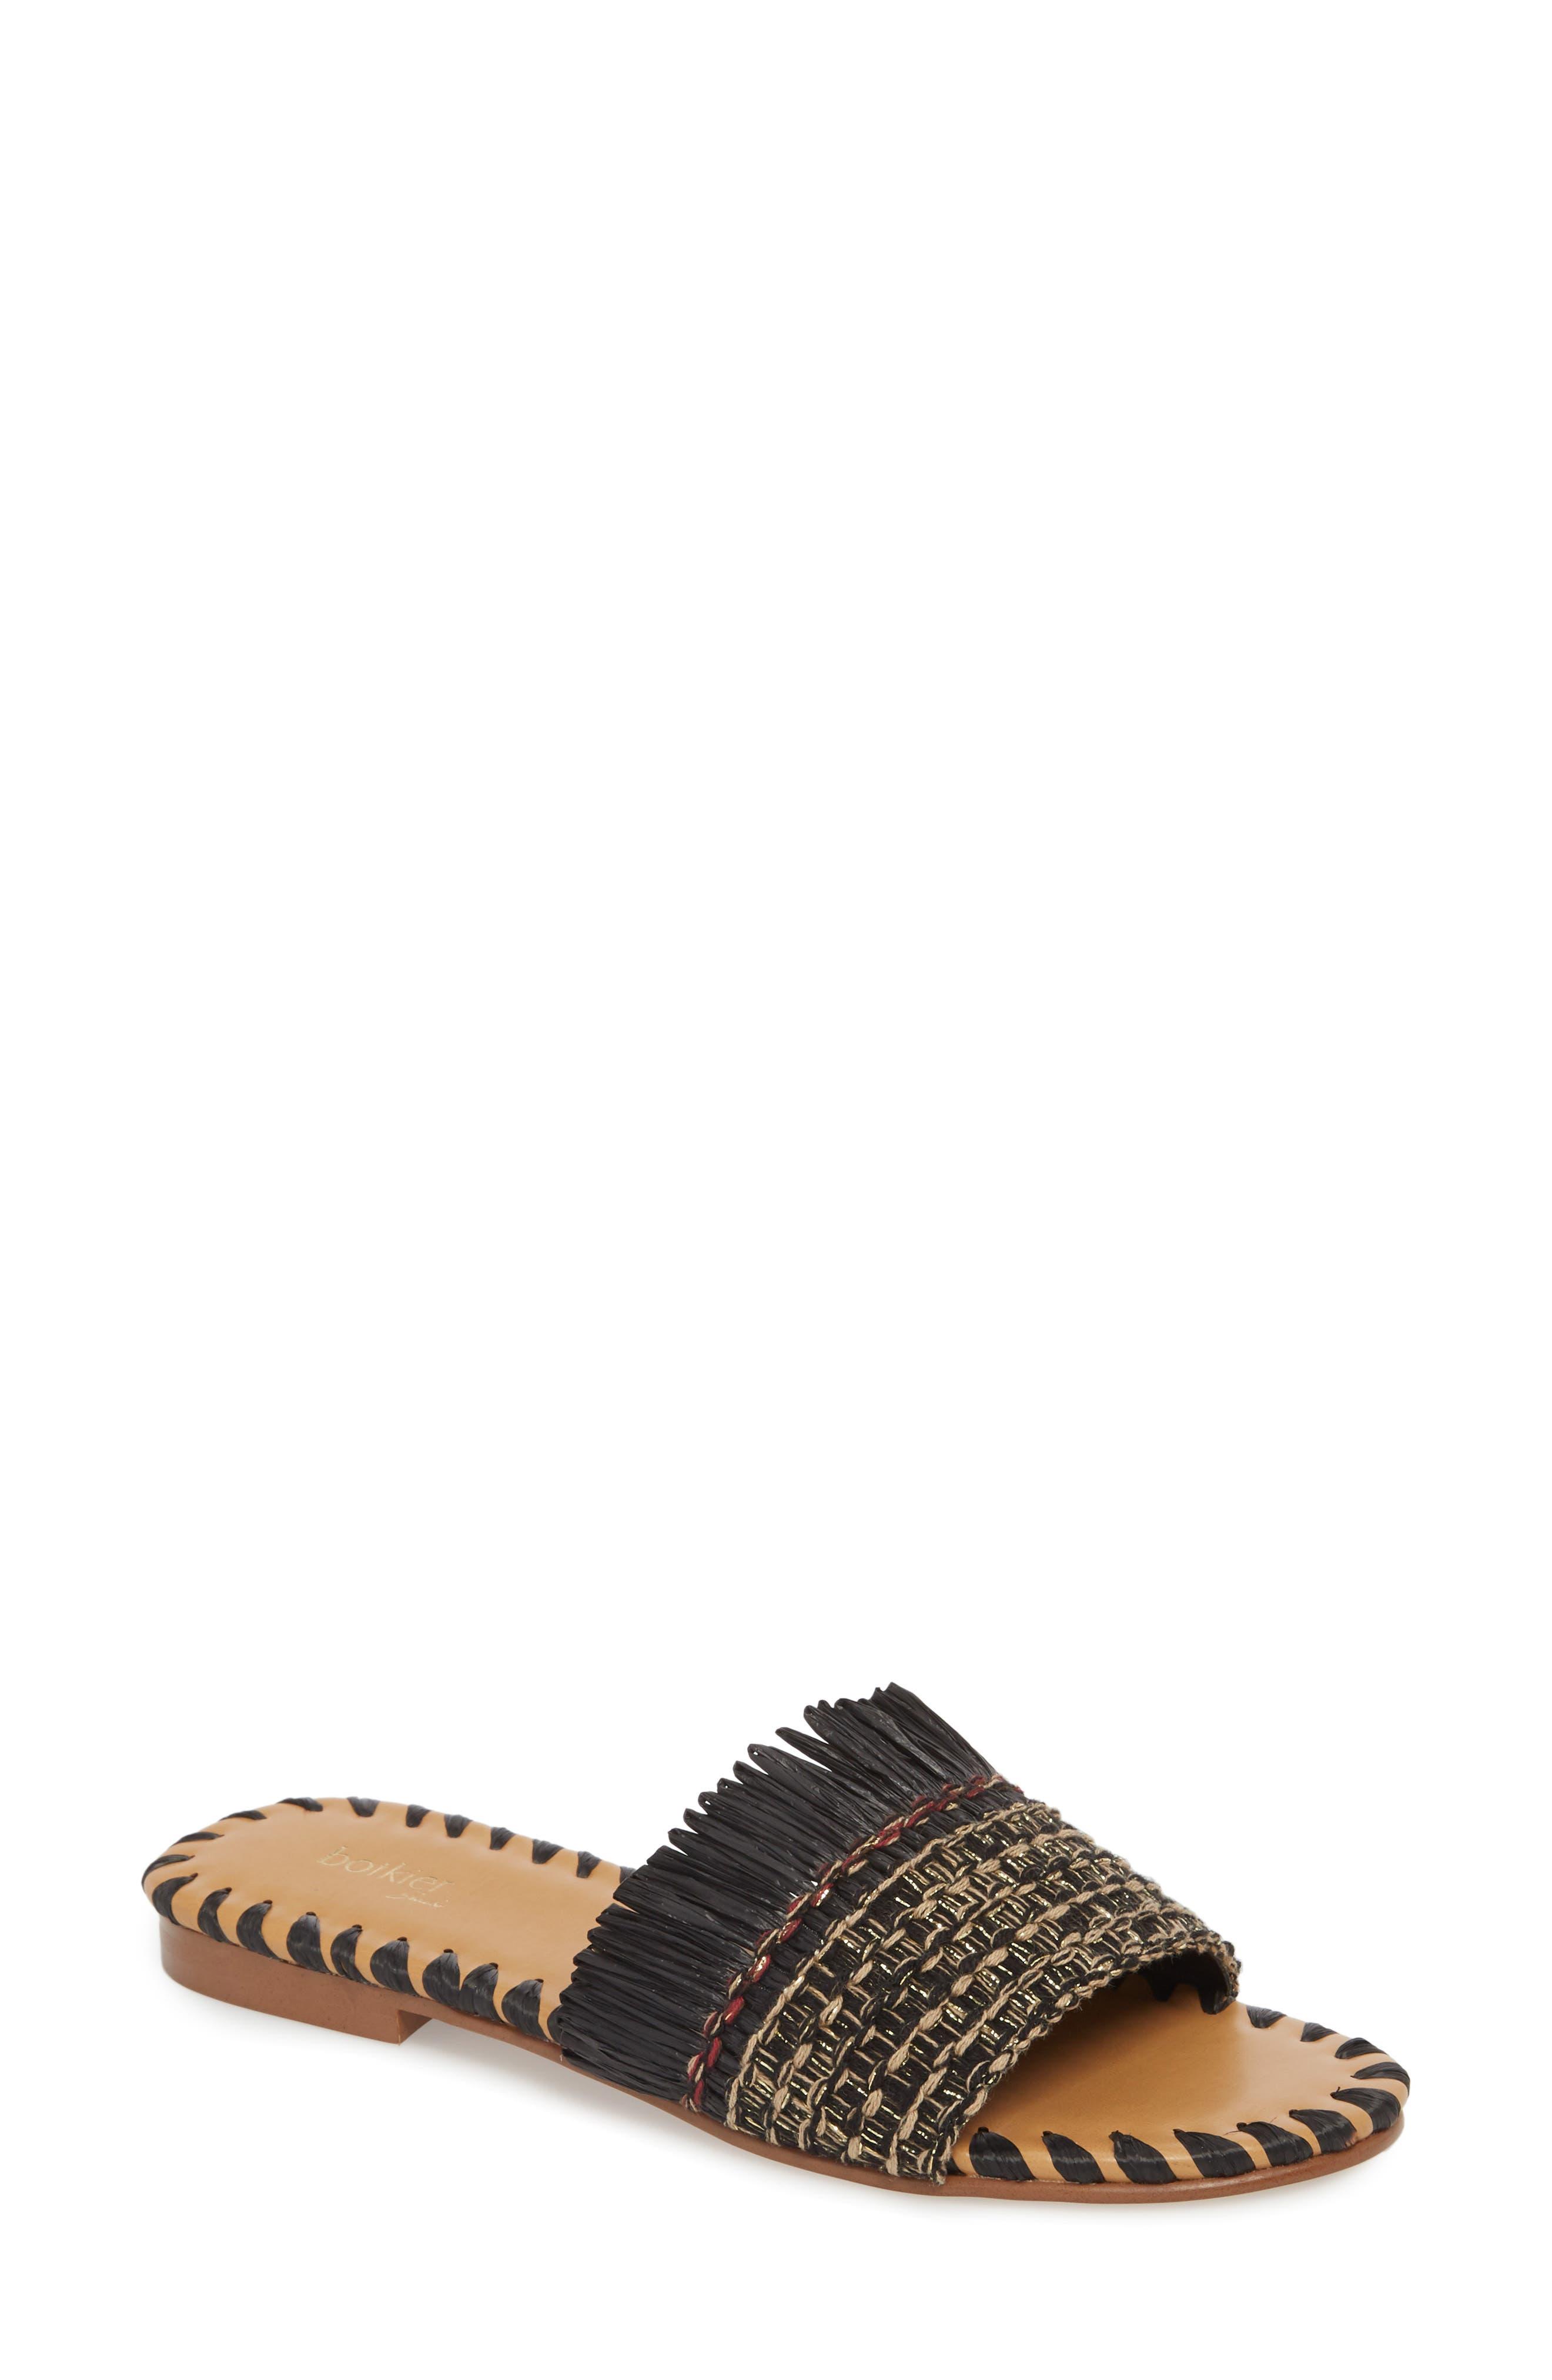 Bailee Slide Sandal,                             Main thumbnail 1, color,                             Black Fabric